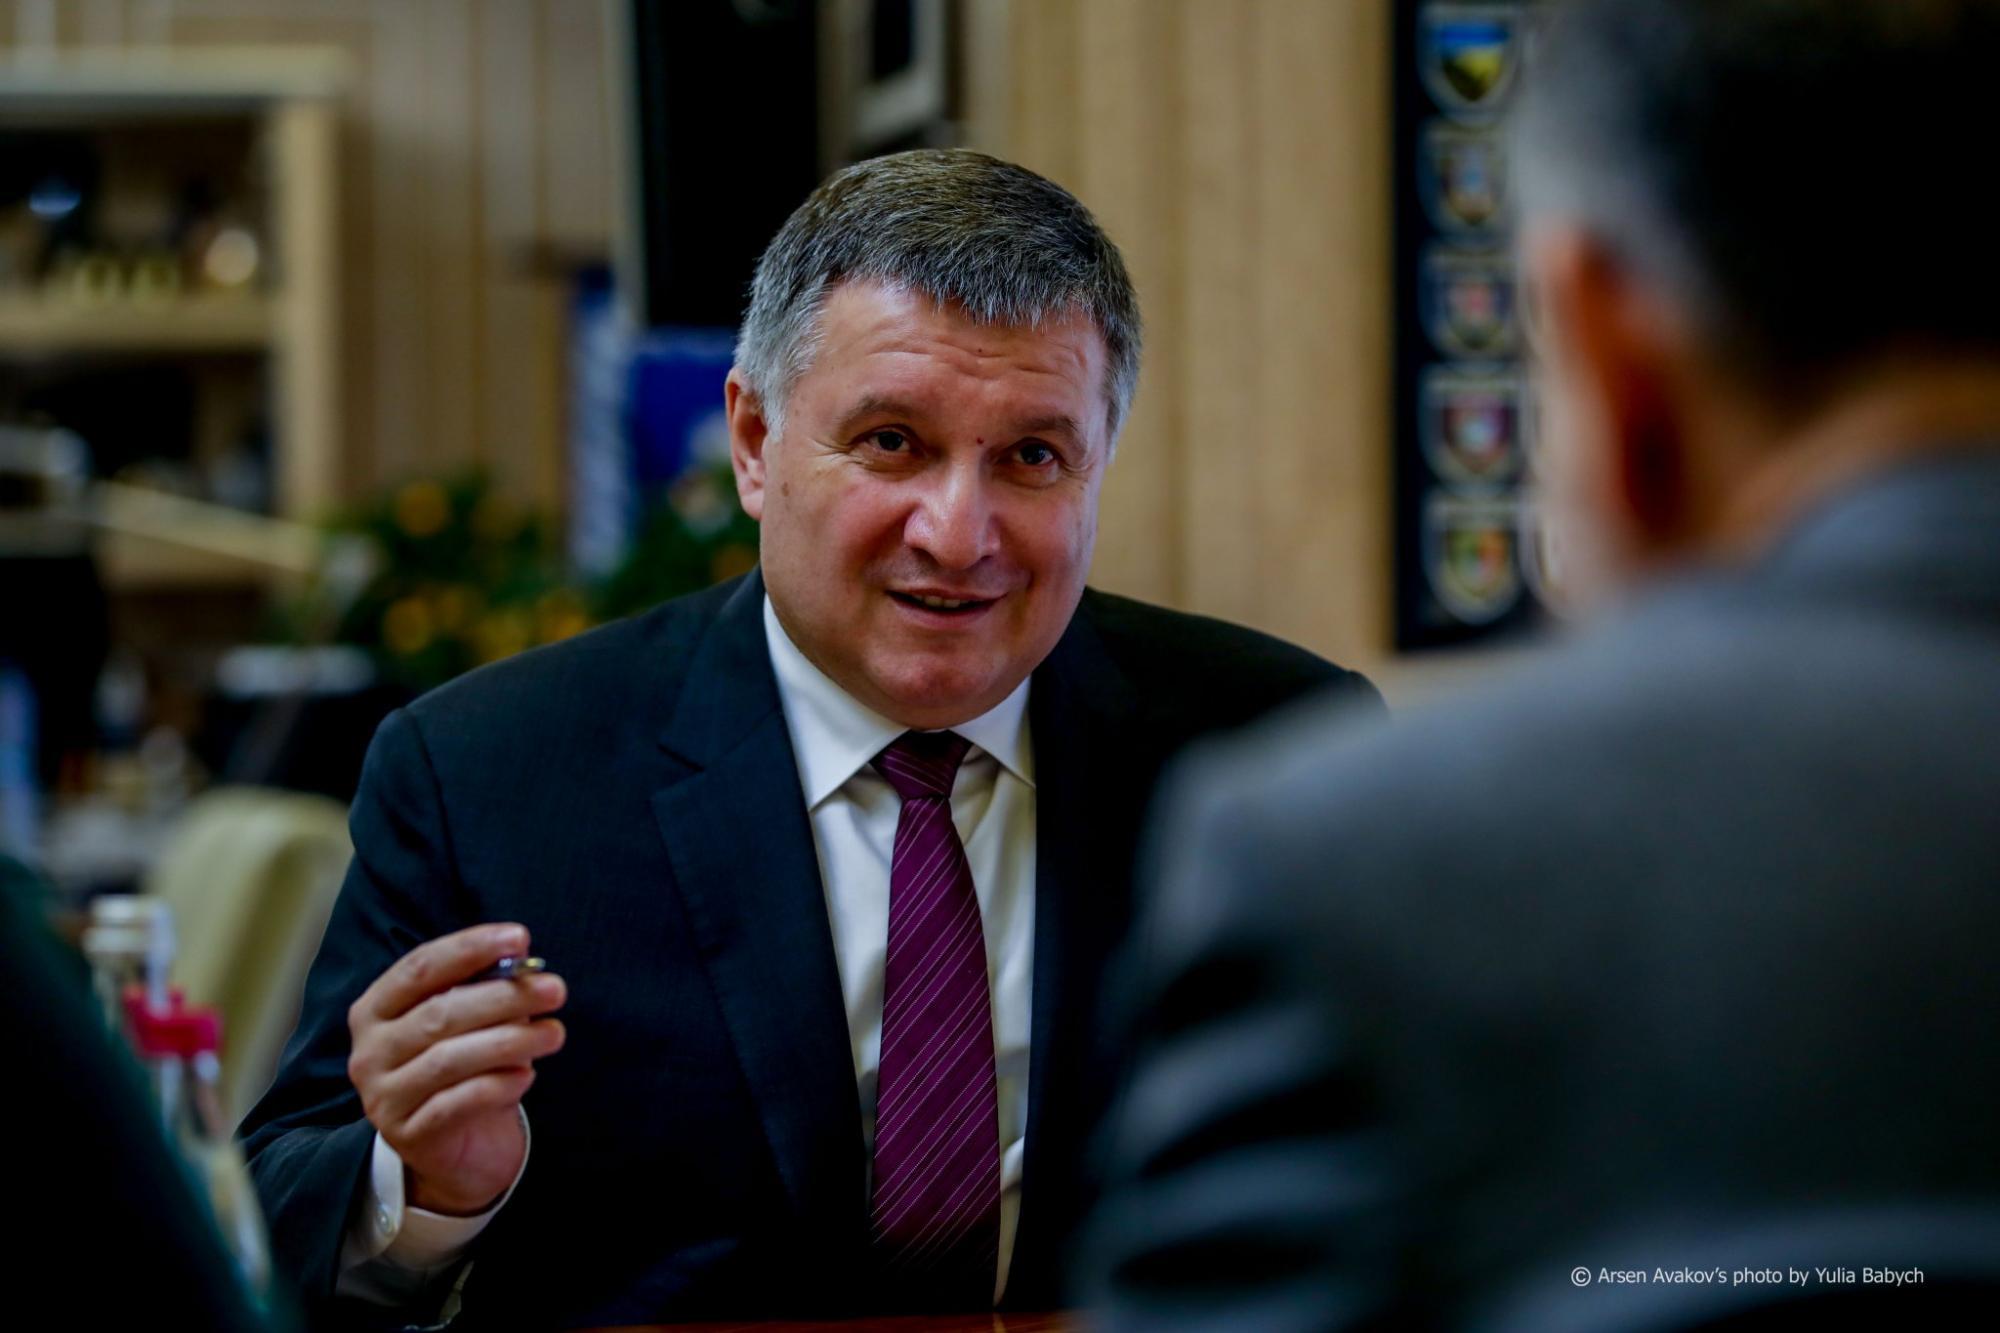 Правительству Шмыгаля осталось недолго, Аваков уйдет вместе со всеми: Офис президента готовит на осень смену Кабмина